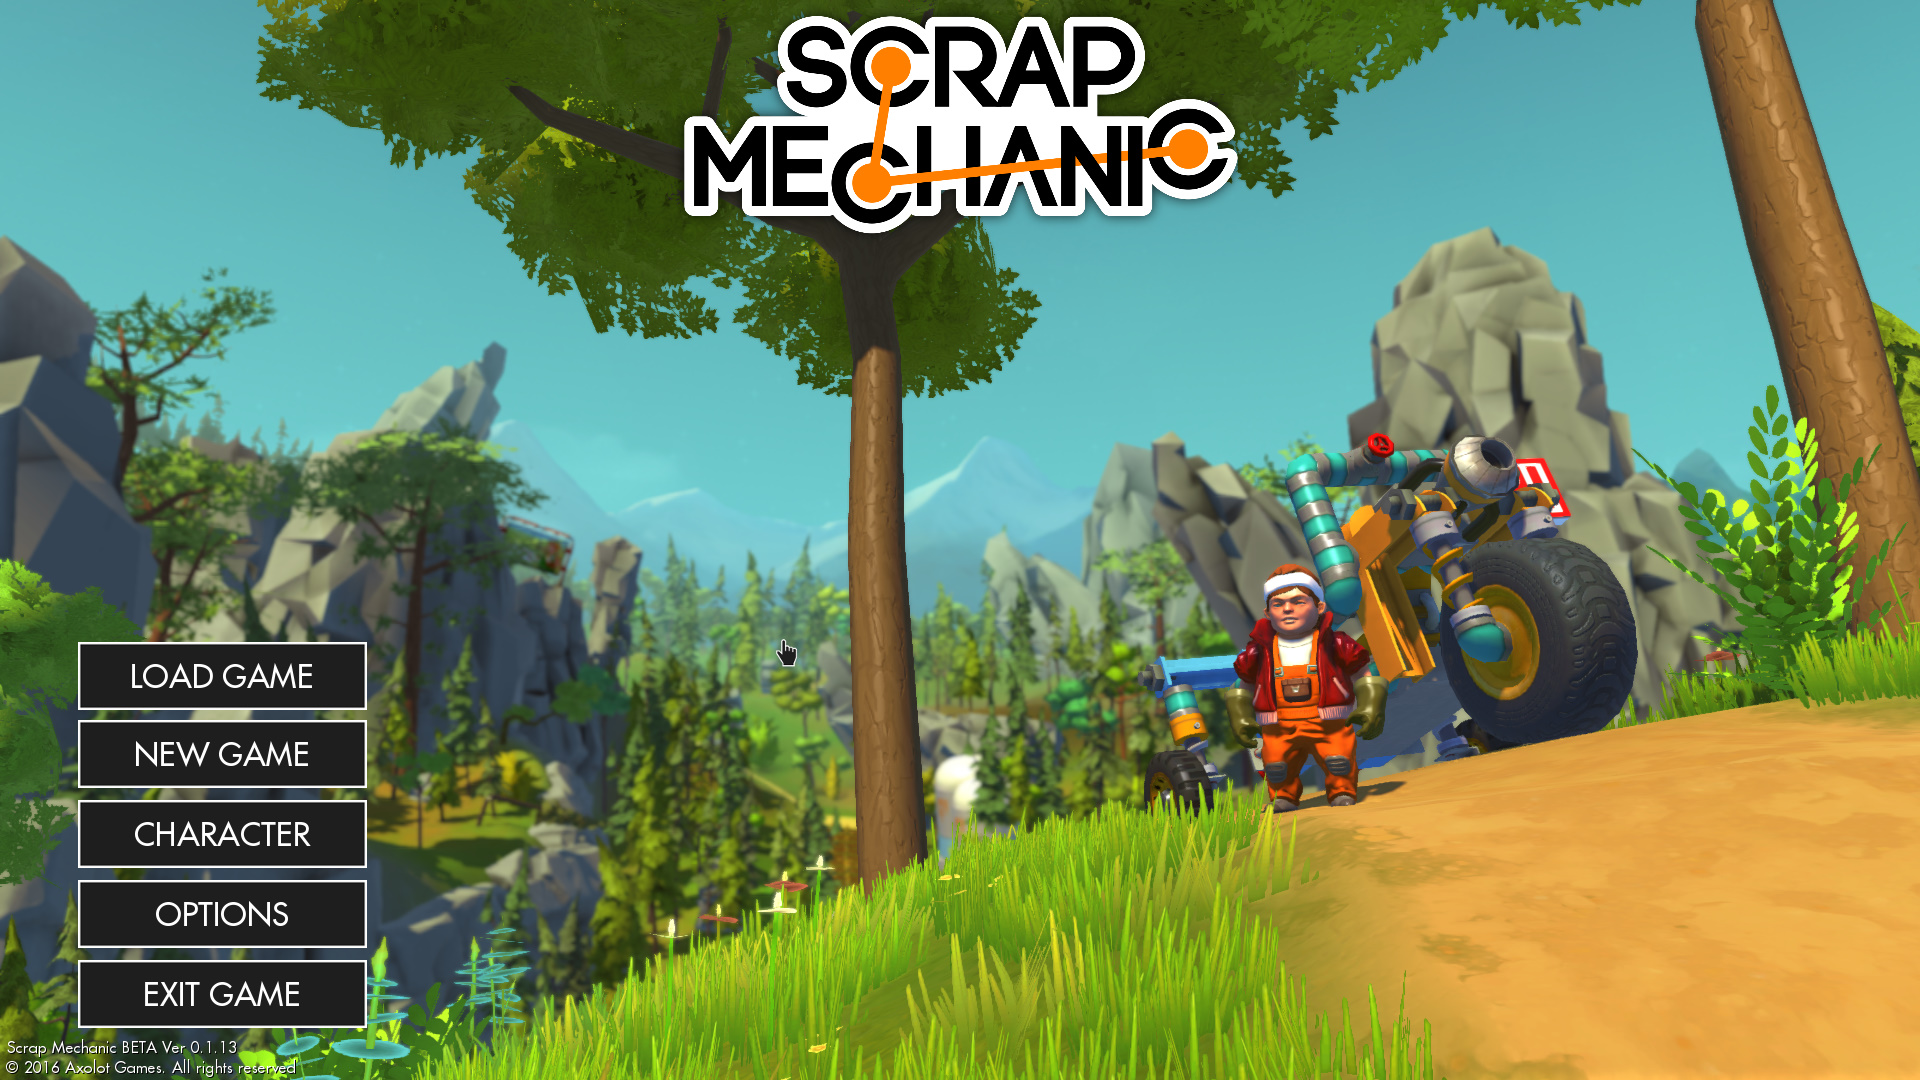 Скриншоты к Scrap Mechanic v0.2.14 полная версия на русском языке